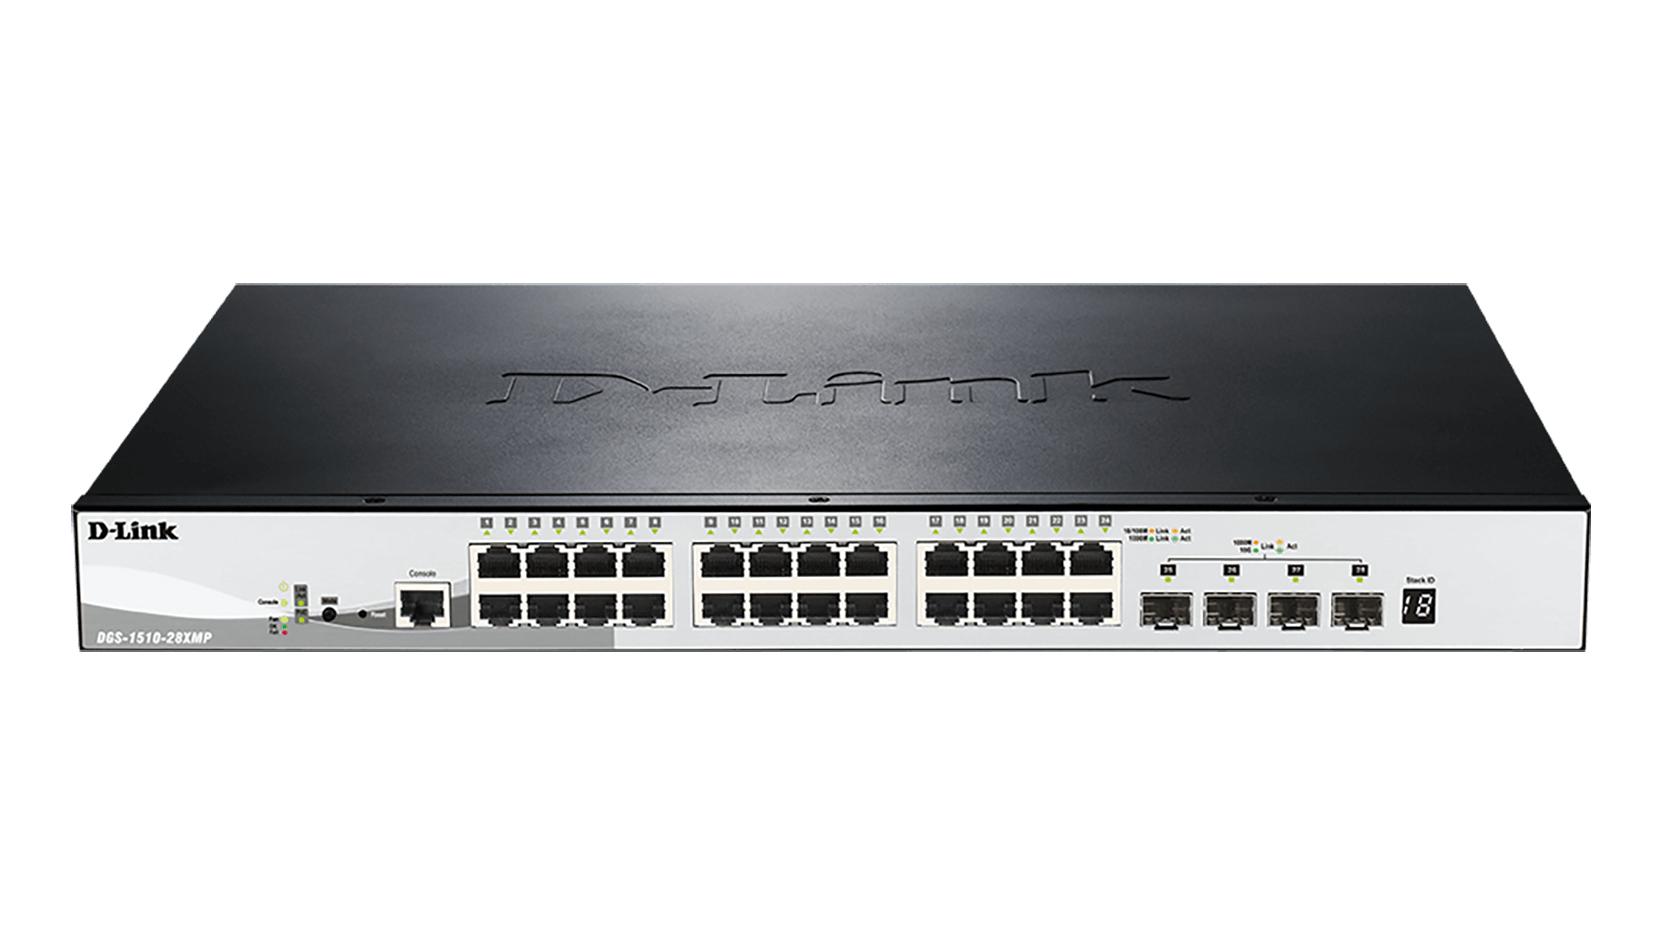 D-Link DGS-1510-28XMP switch Gestionado L2/L3 Gigabit Ethernet (10/100/1000) Negro, Gris Energía sobre Ethernet (PoE)